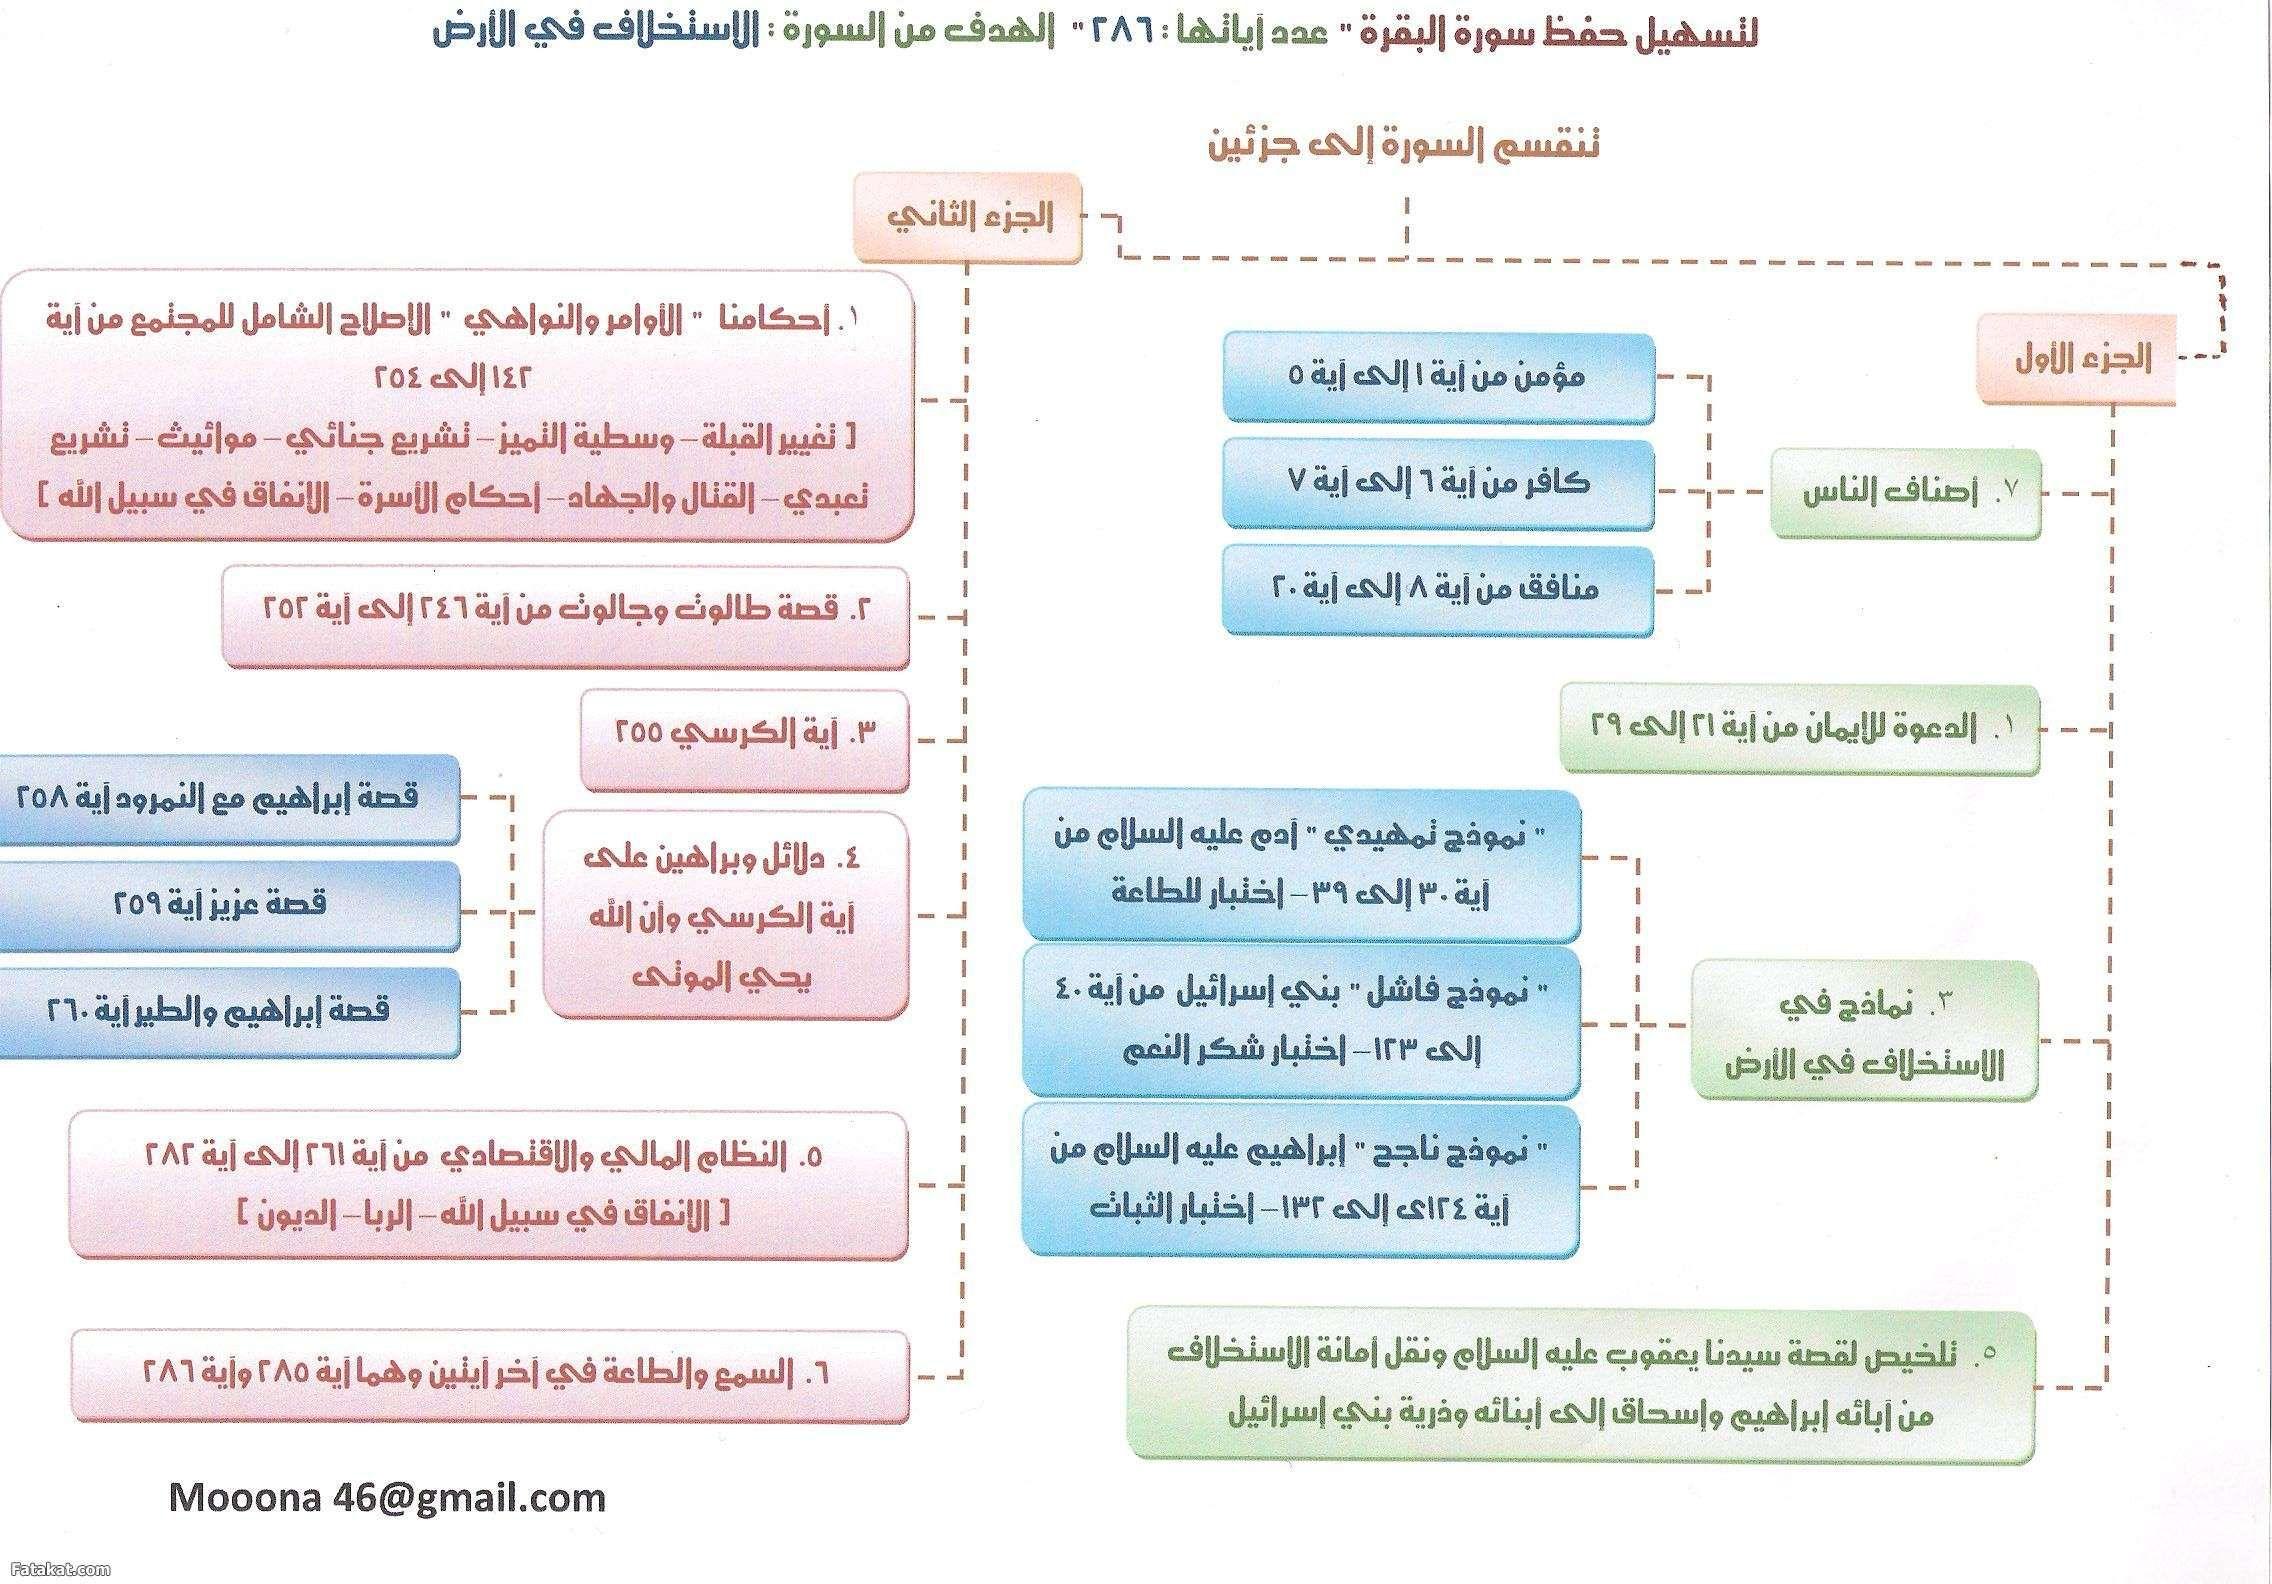 الخريطة الذهنية لحفظ سورة البقرة بسهوله ويسر منتديات المميزة النسائي Islamic Quotes Quran Quran Tafseer Quran Book